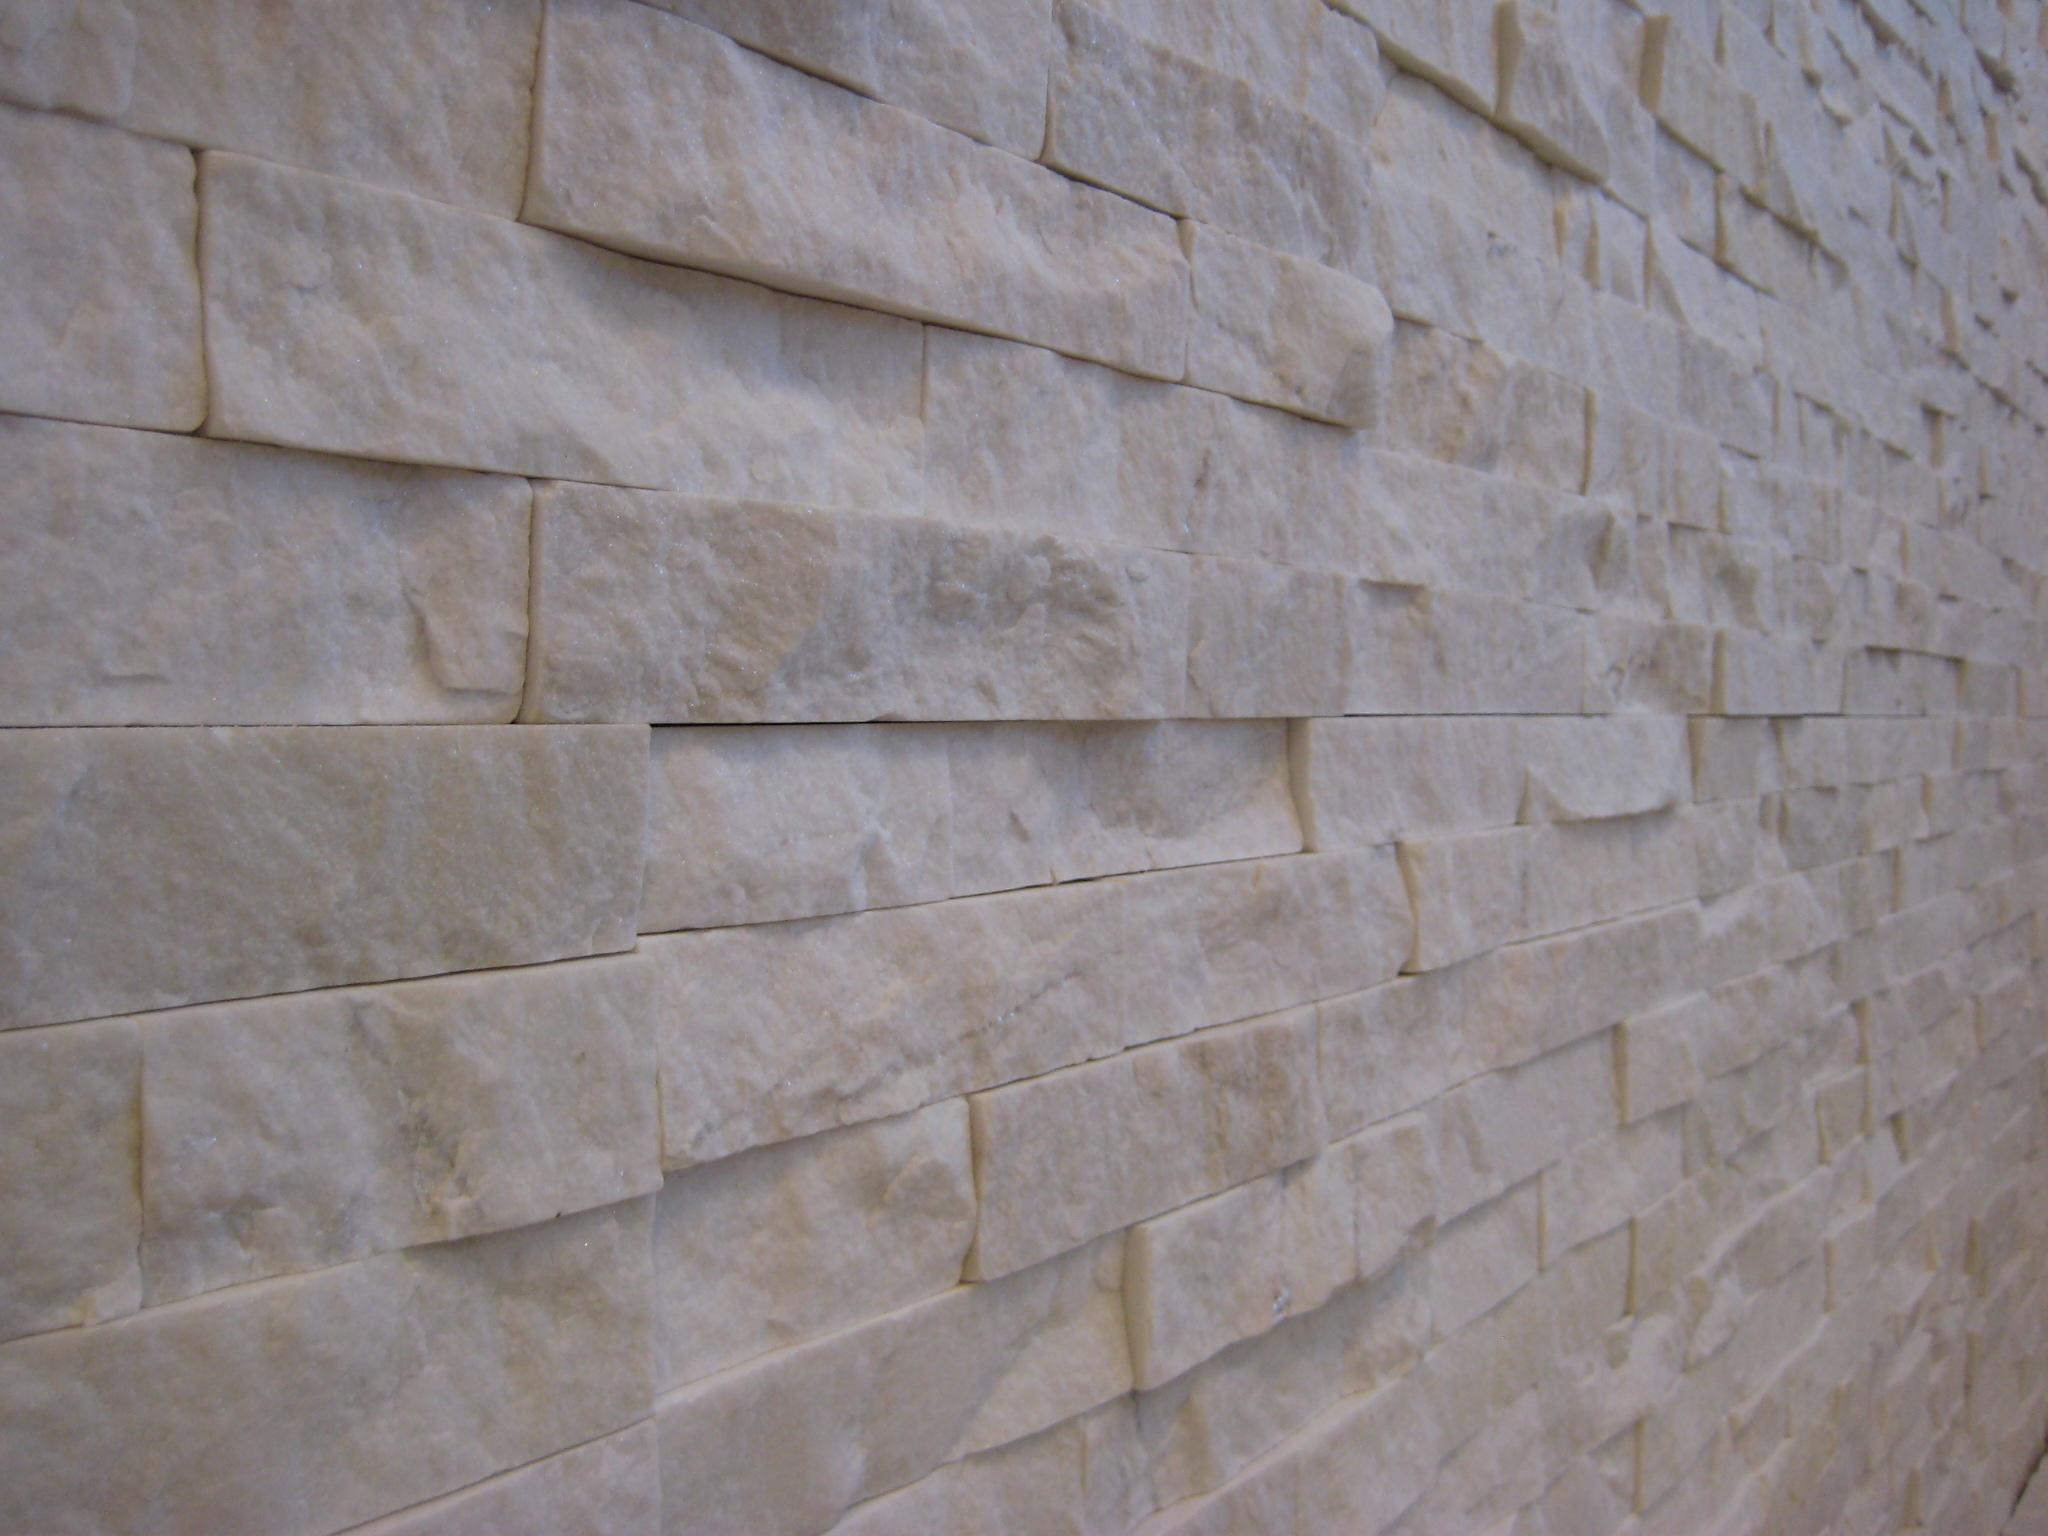 vægbeklædning badeværelse Norstone rustik vægbeklædning   Ceramicas A/S vægbeklædning badeværelse